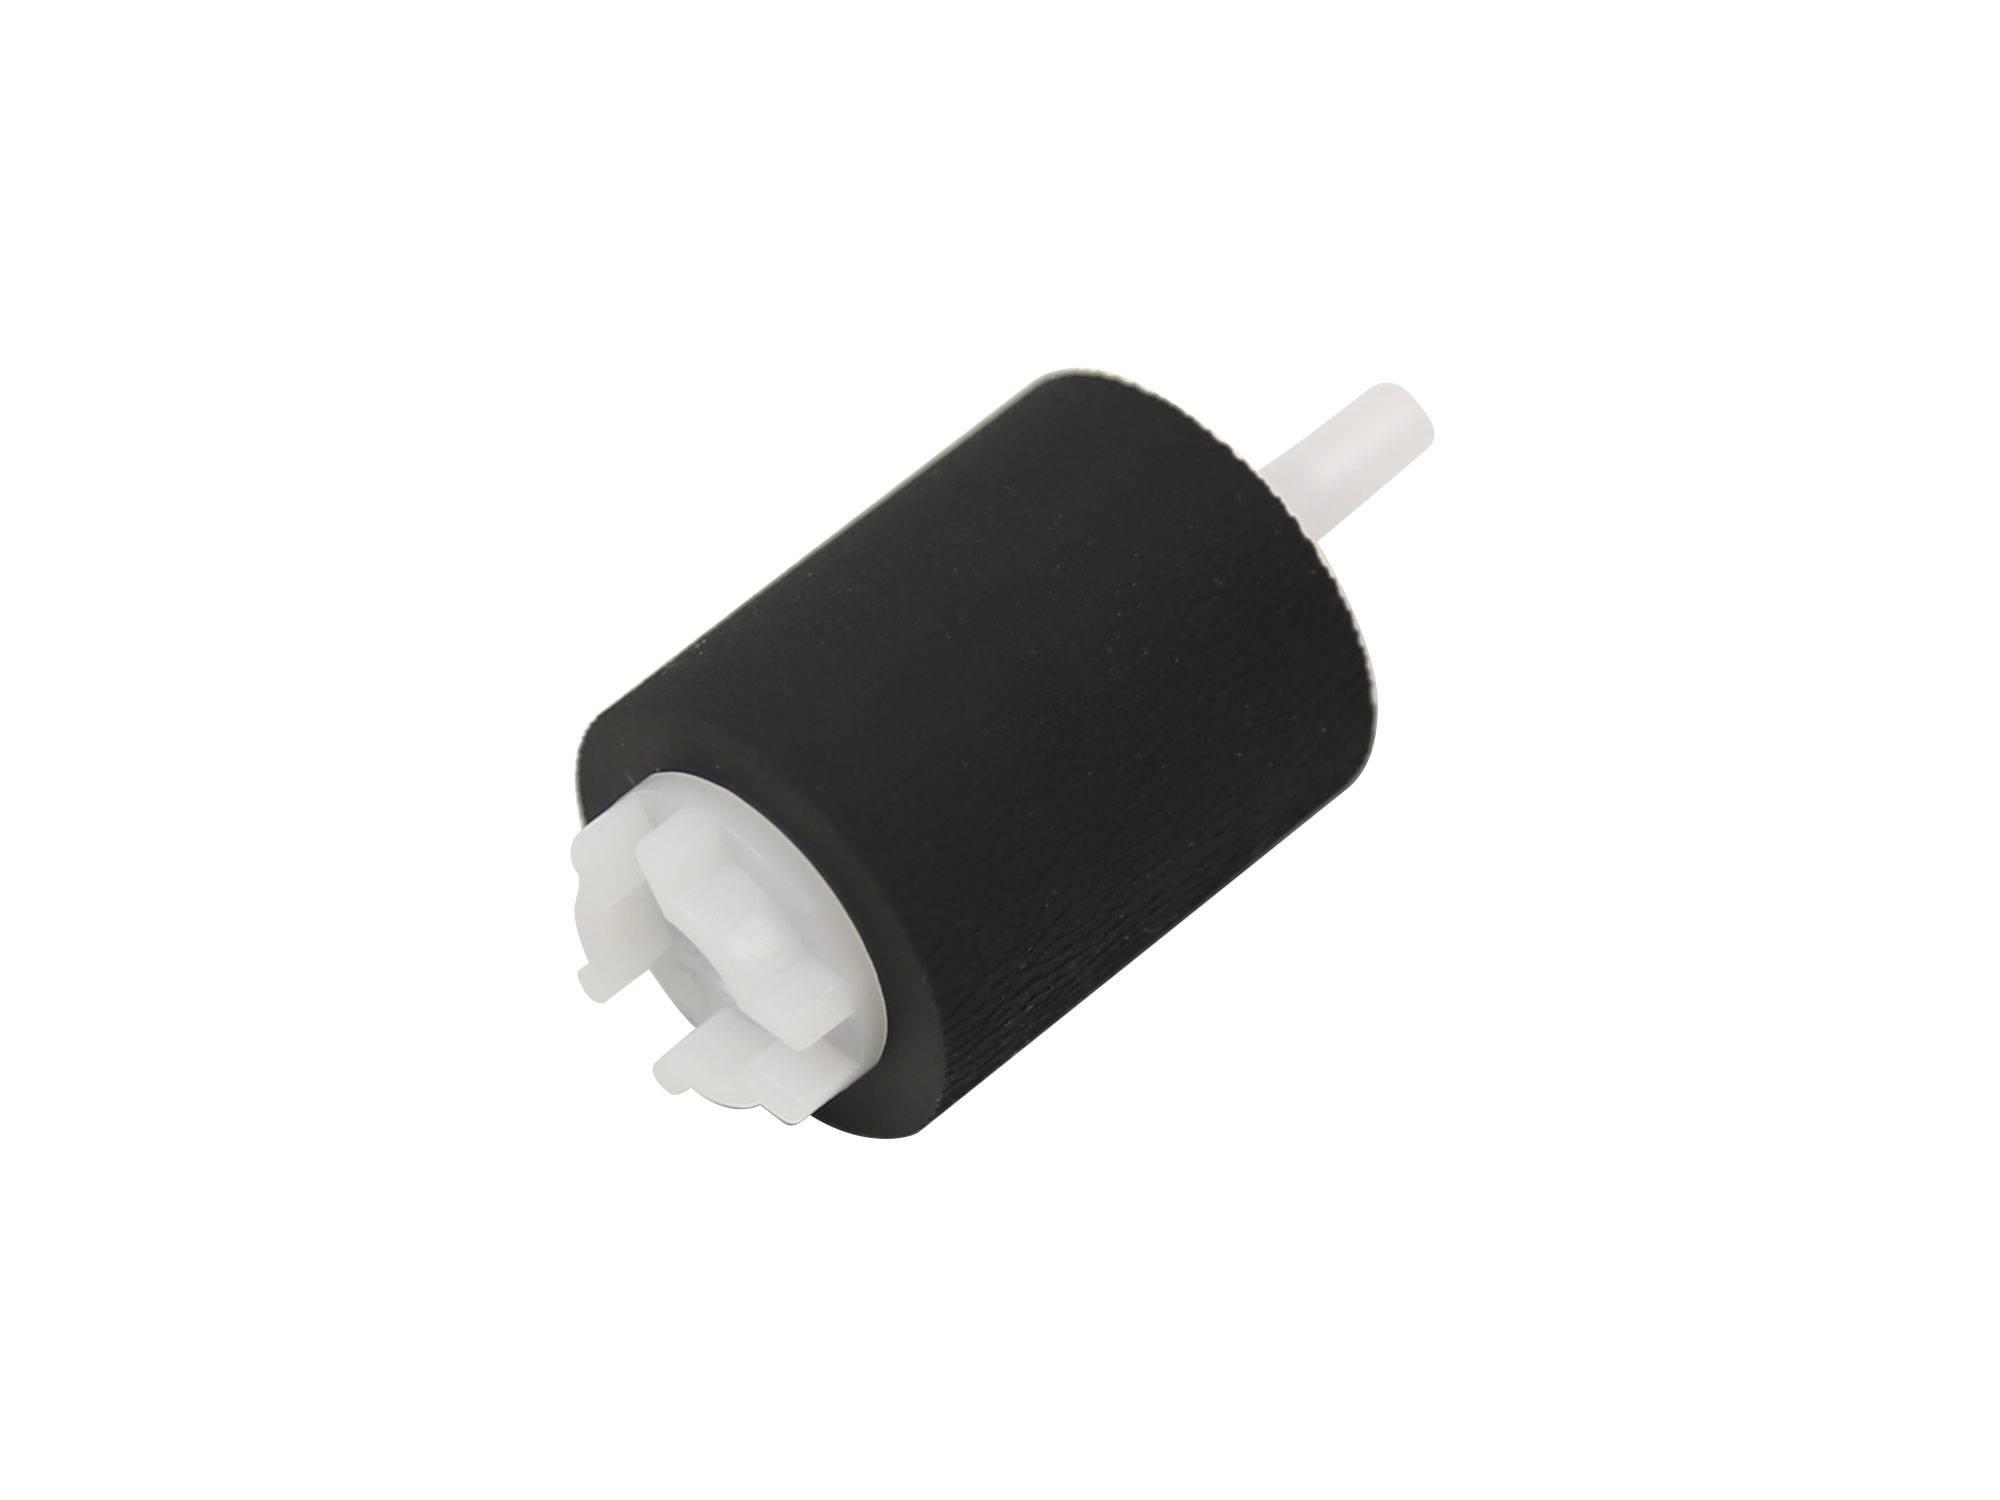 Ролик 302N406030 2N406030 для принтеров KYOCERA производства CET